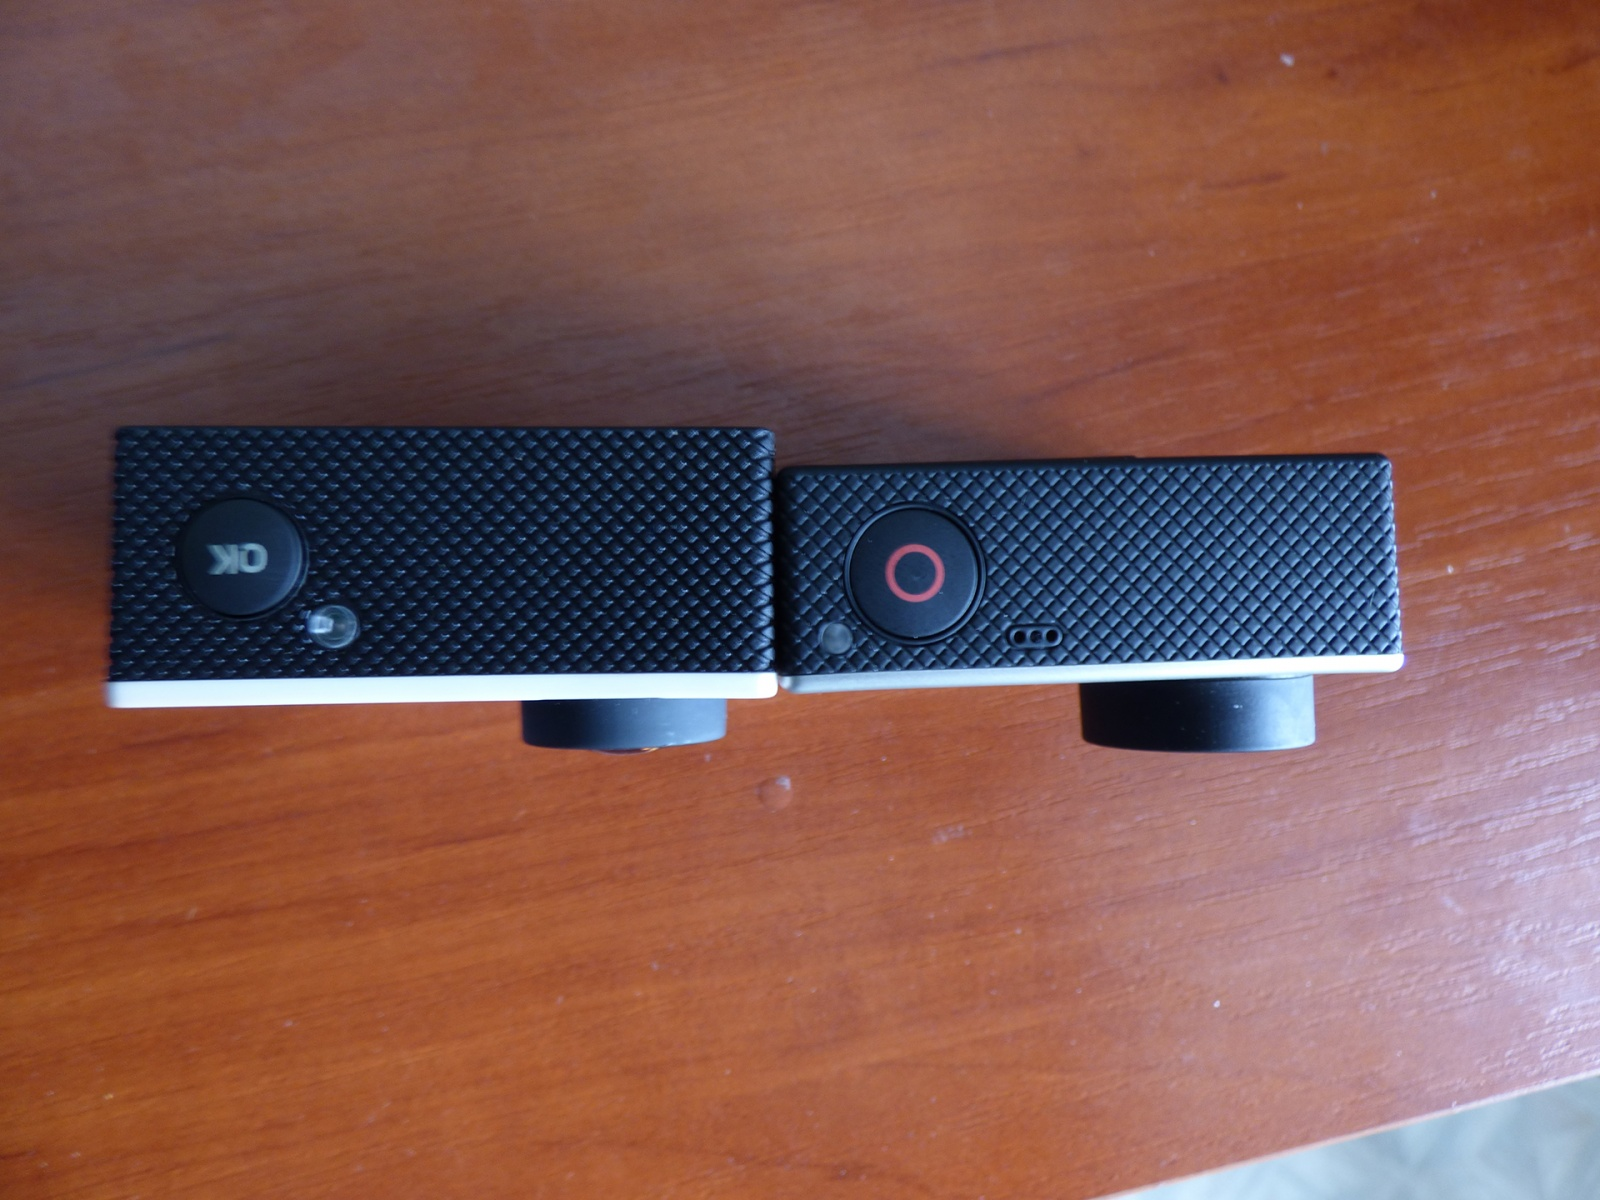 Обзор Blackview Hero 1. Сравнение с GoPro 3+ Black - 8